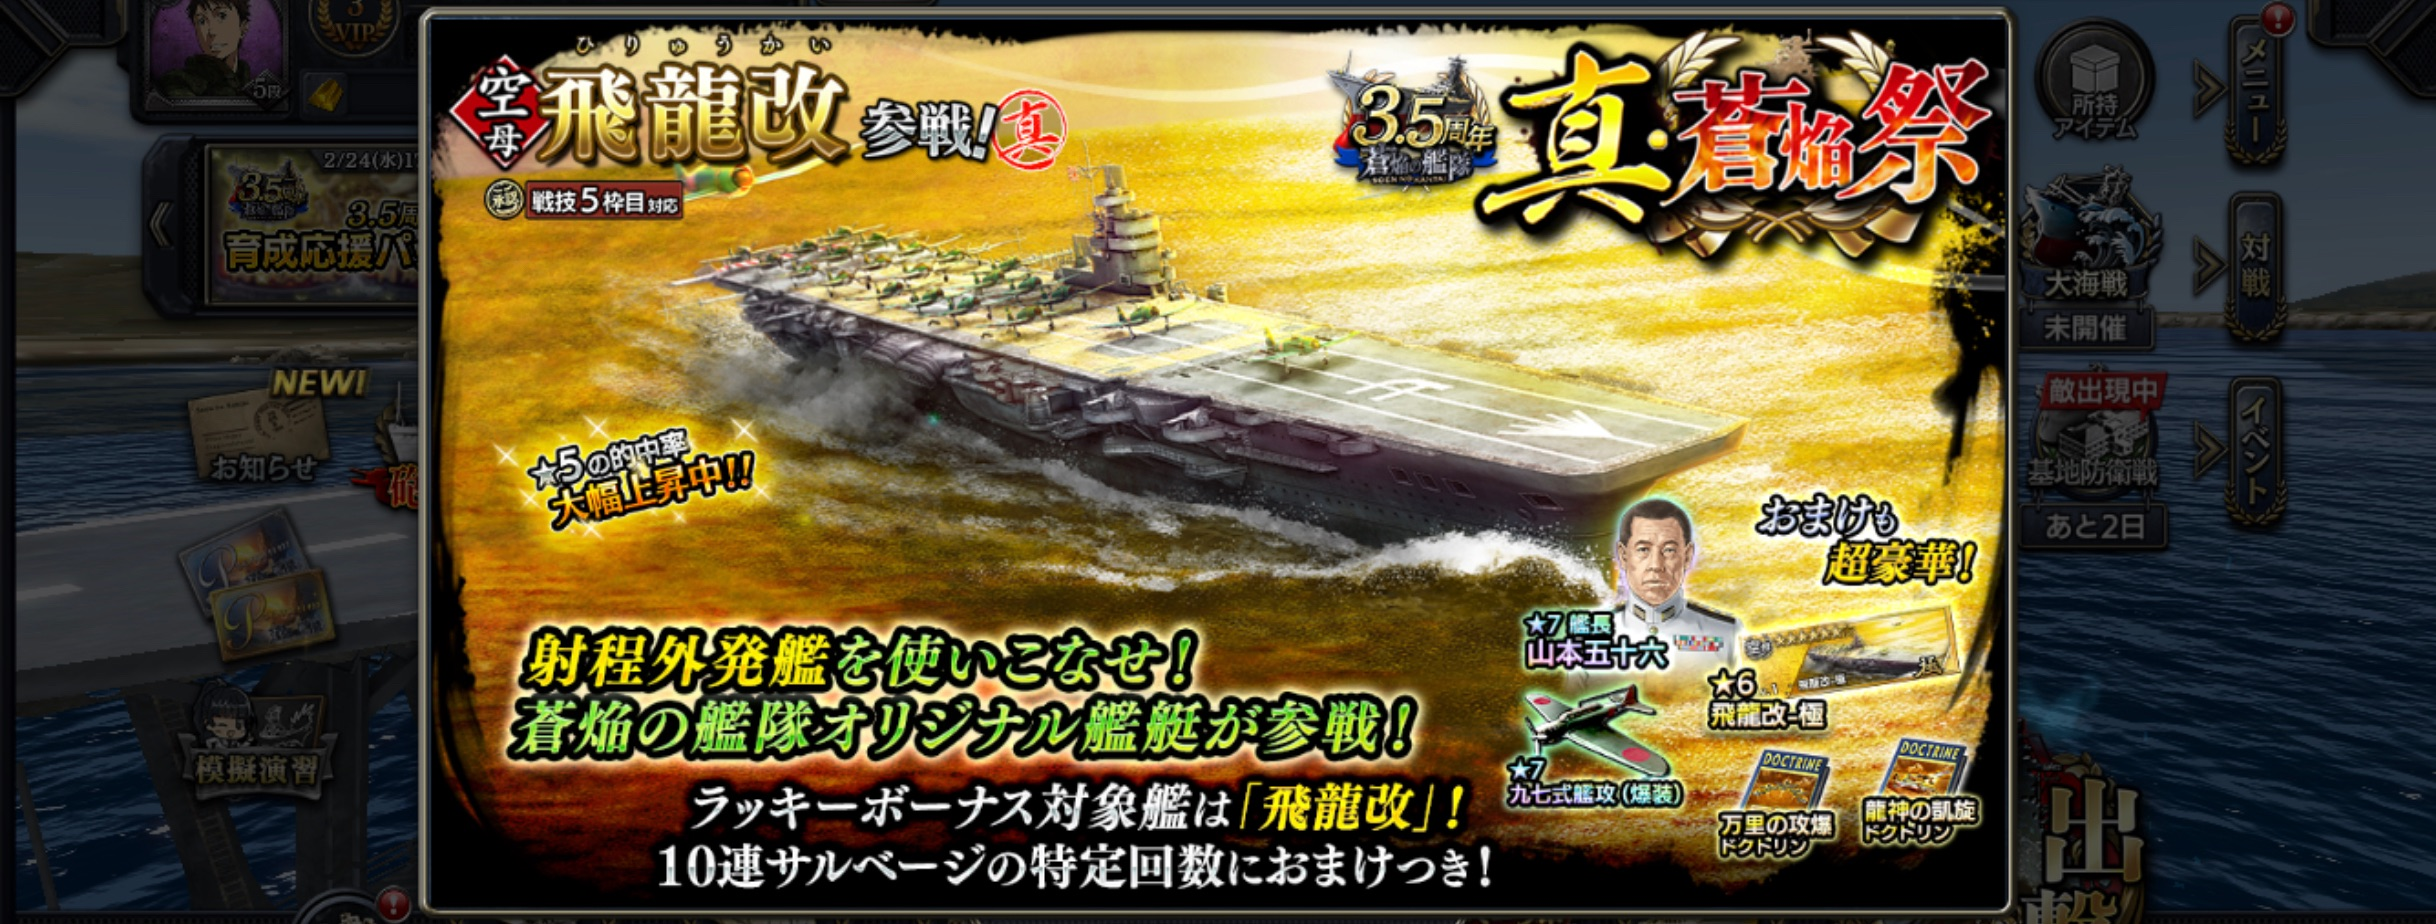 aircraft-carrier:Hiryukai